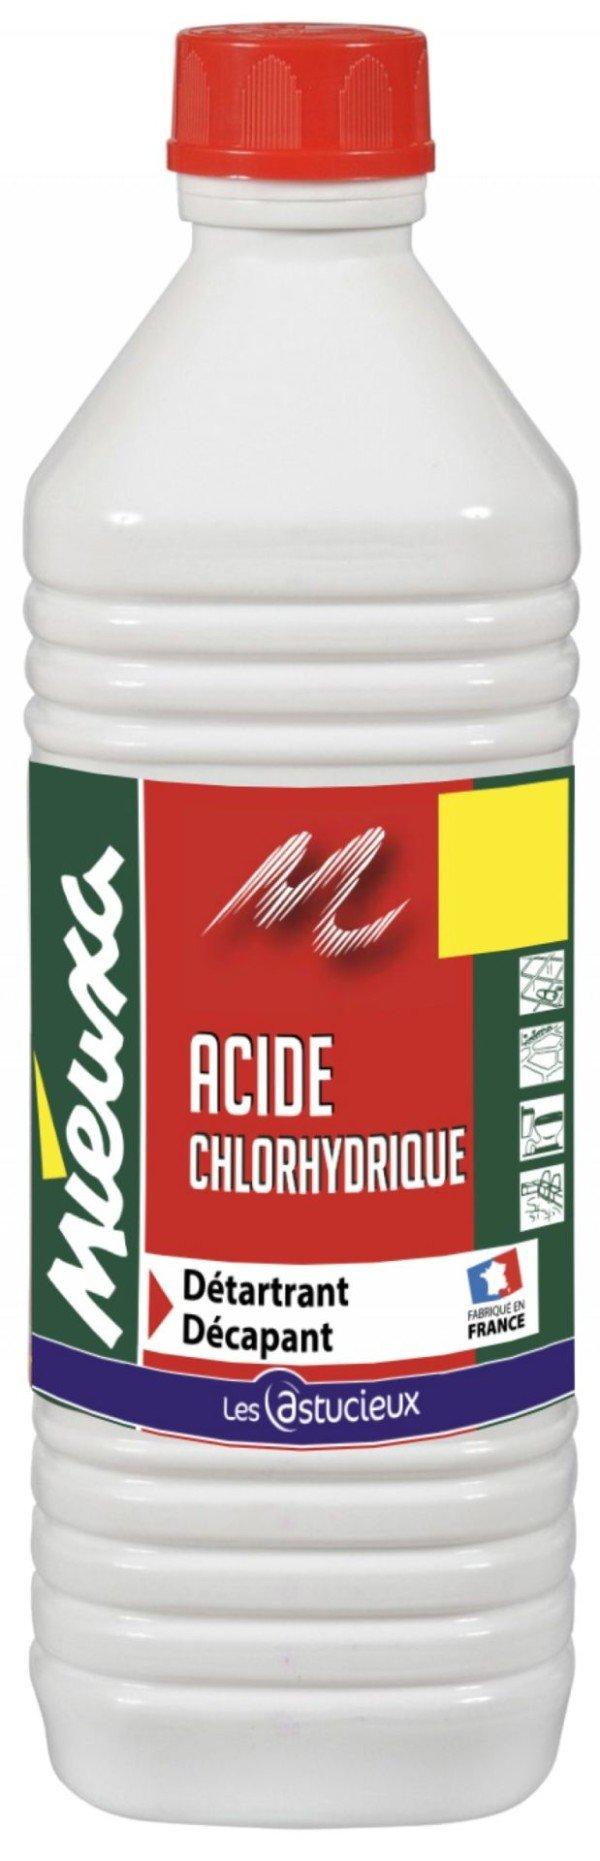 Acide Chlorhydrique 23%